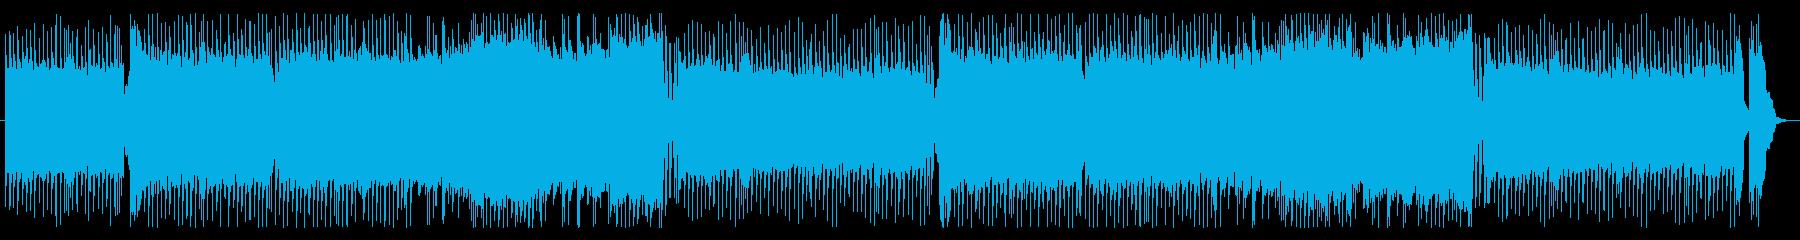 戦闘シーンを盛り上げる白熱の王道Rockの再生済みの波形